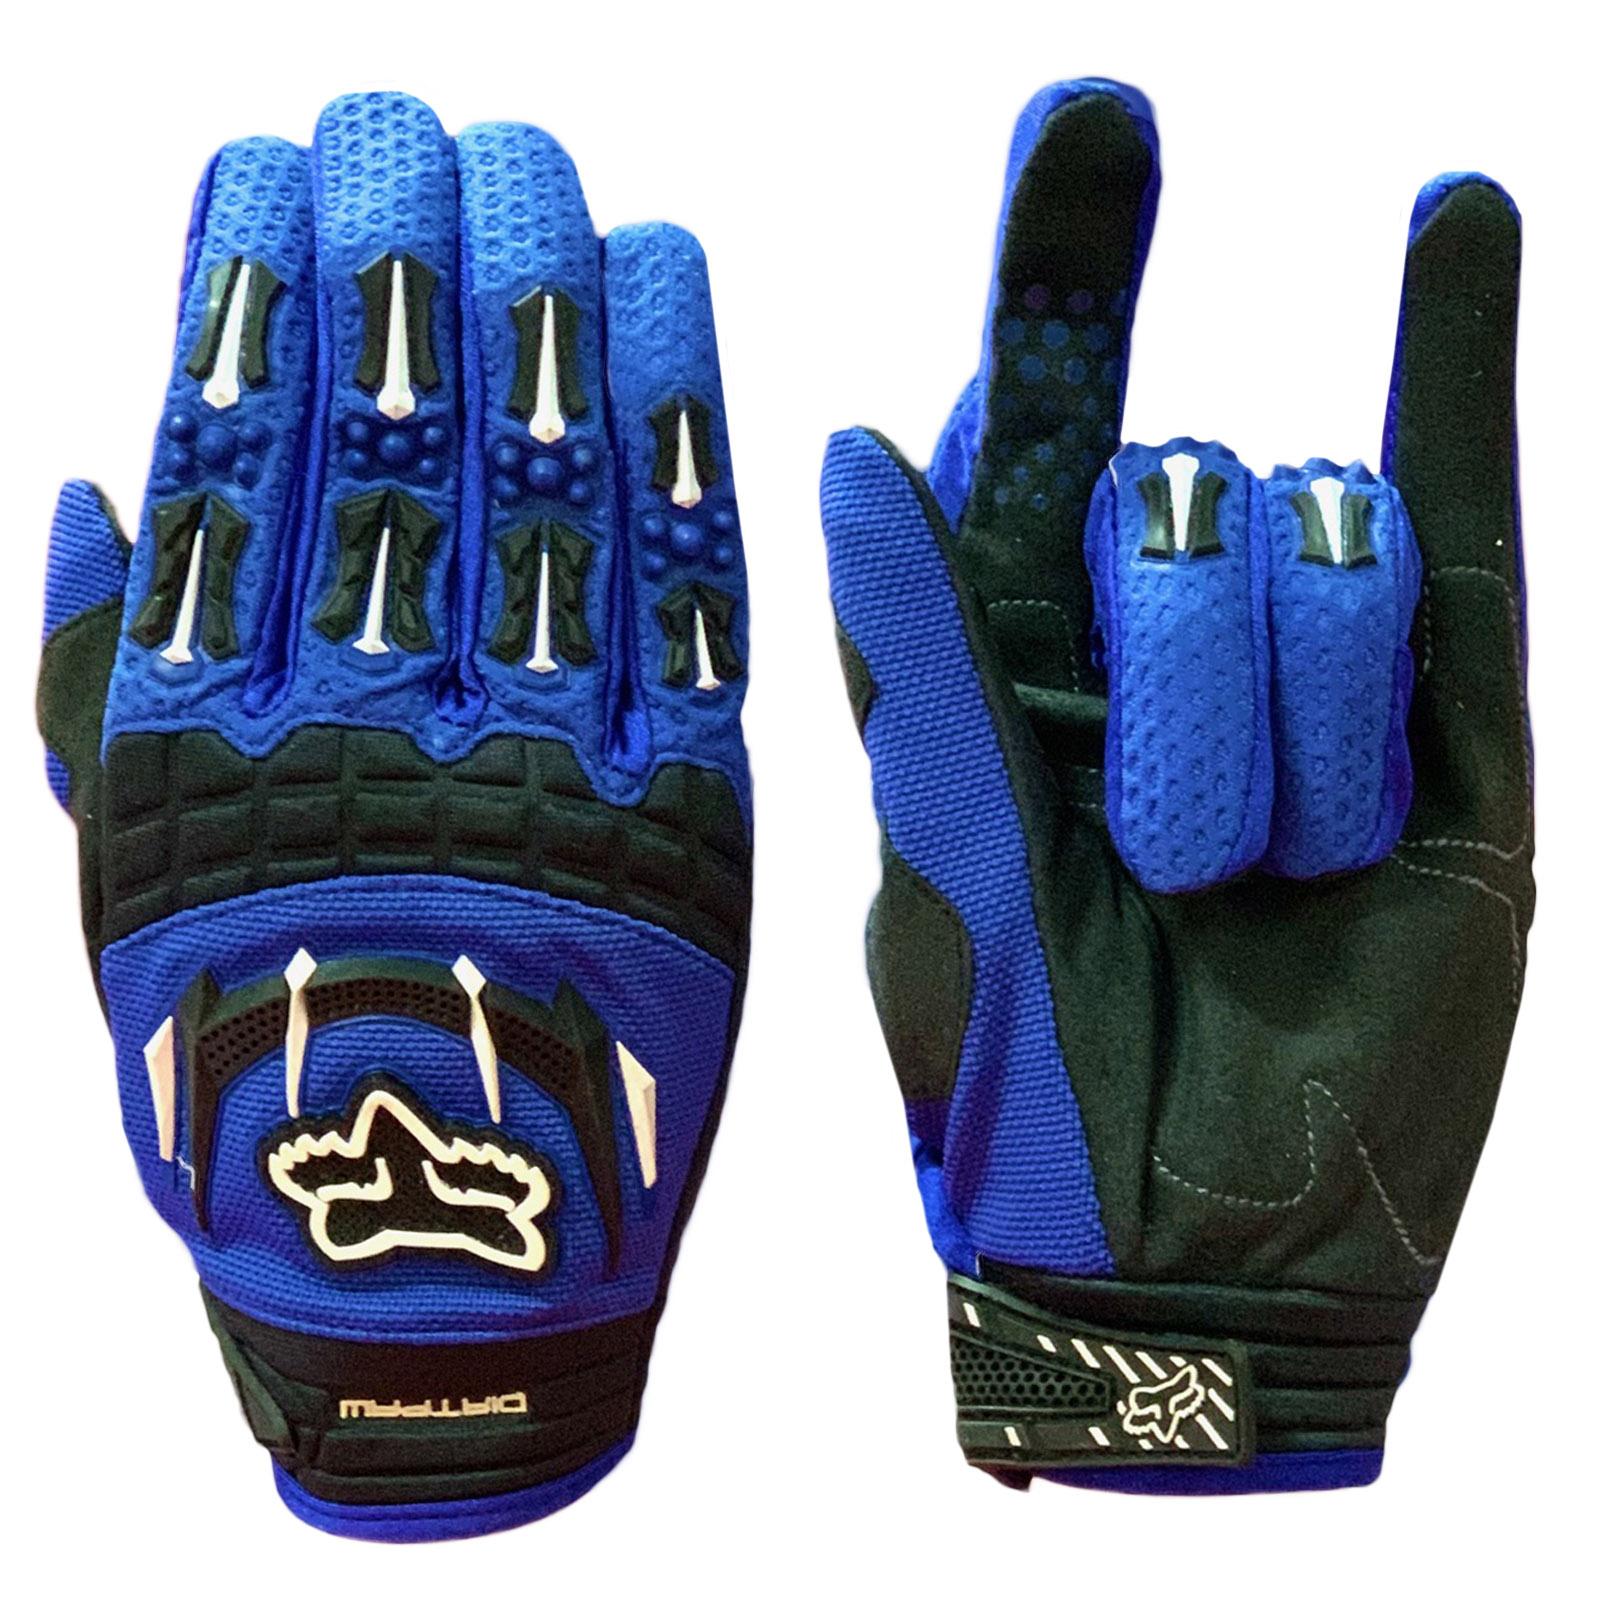 Синие коллекционные перчатки от Clarino